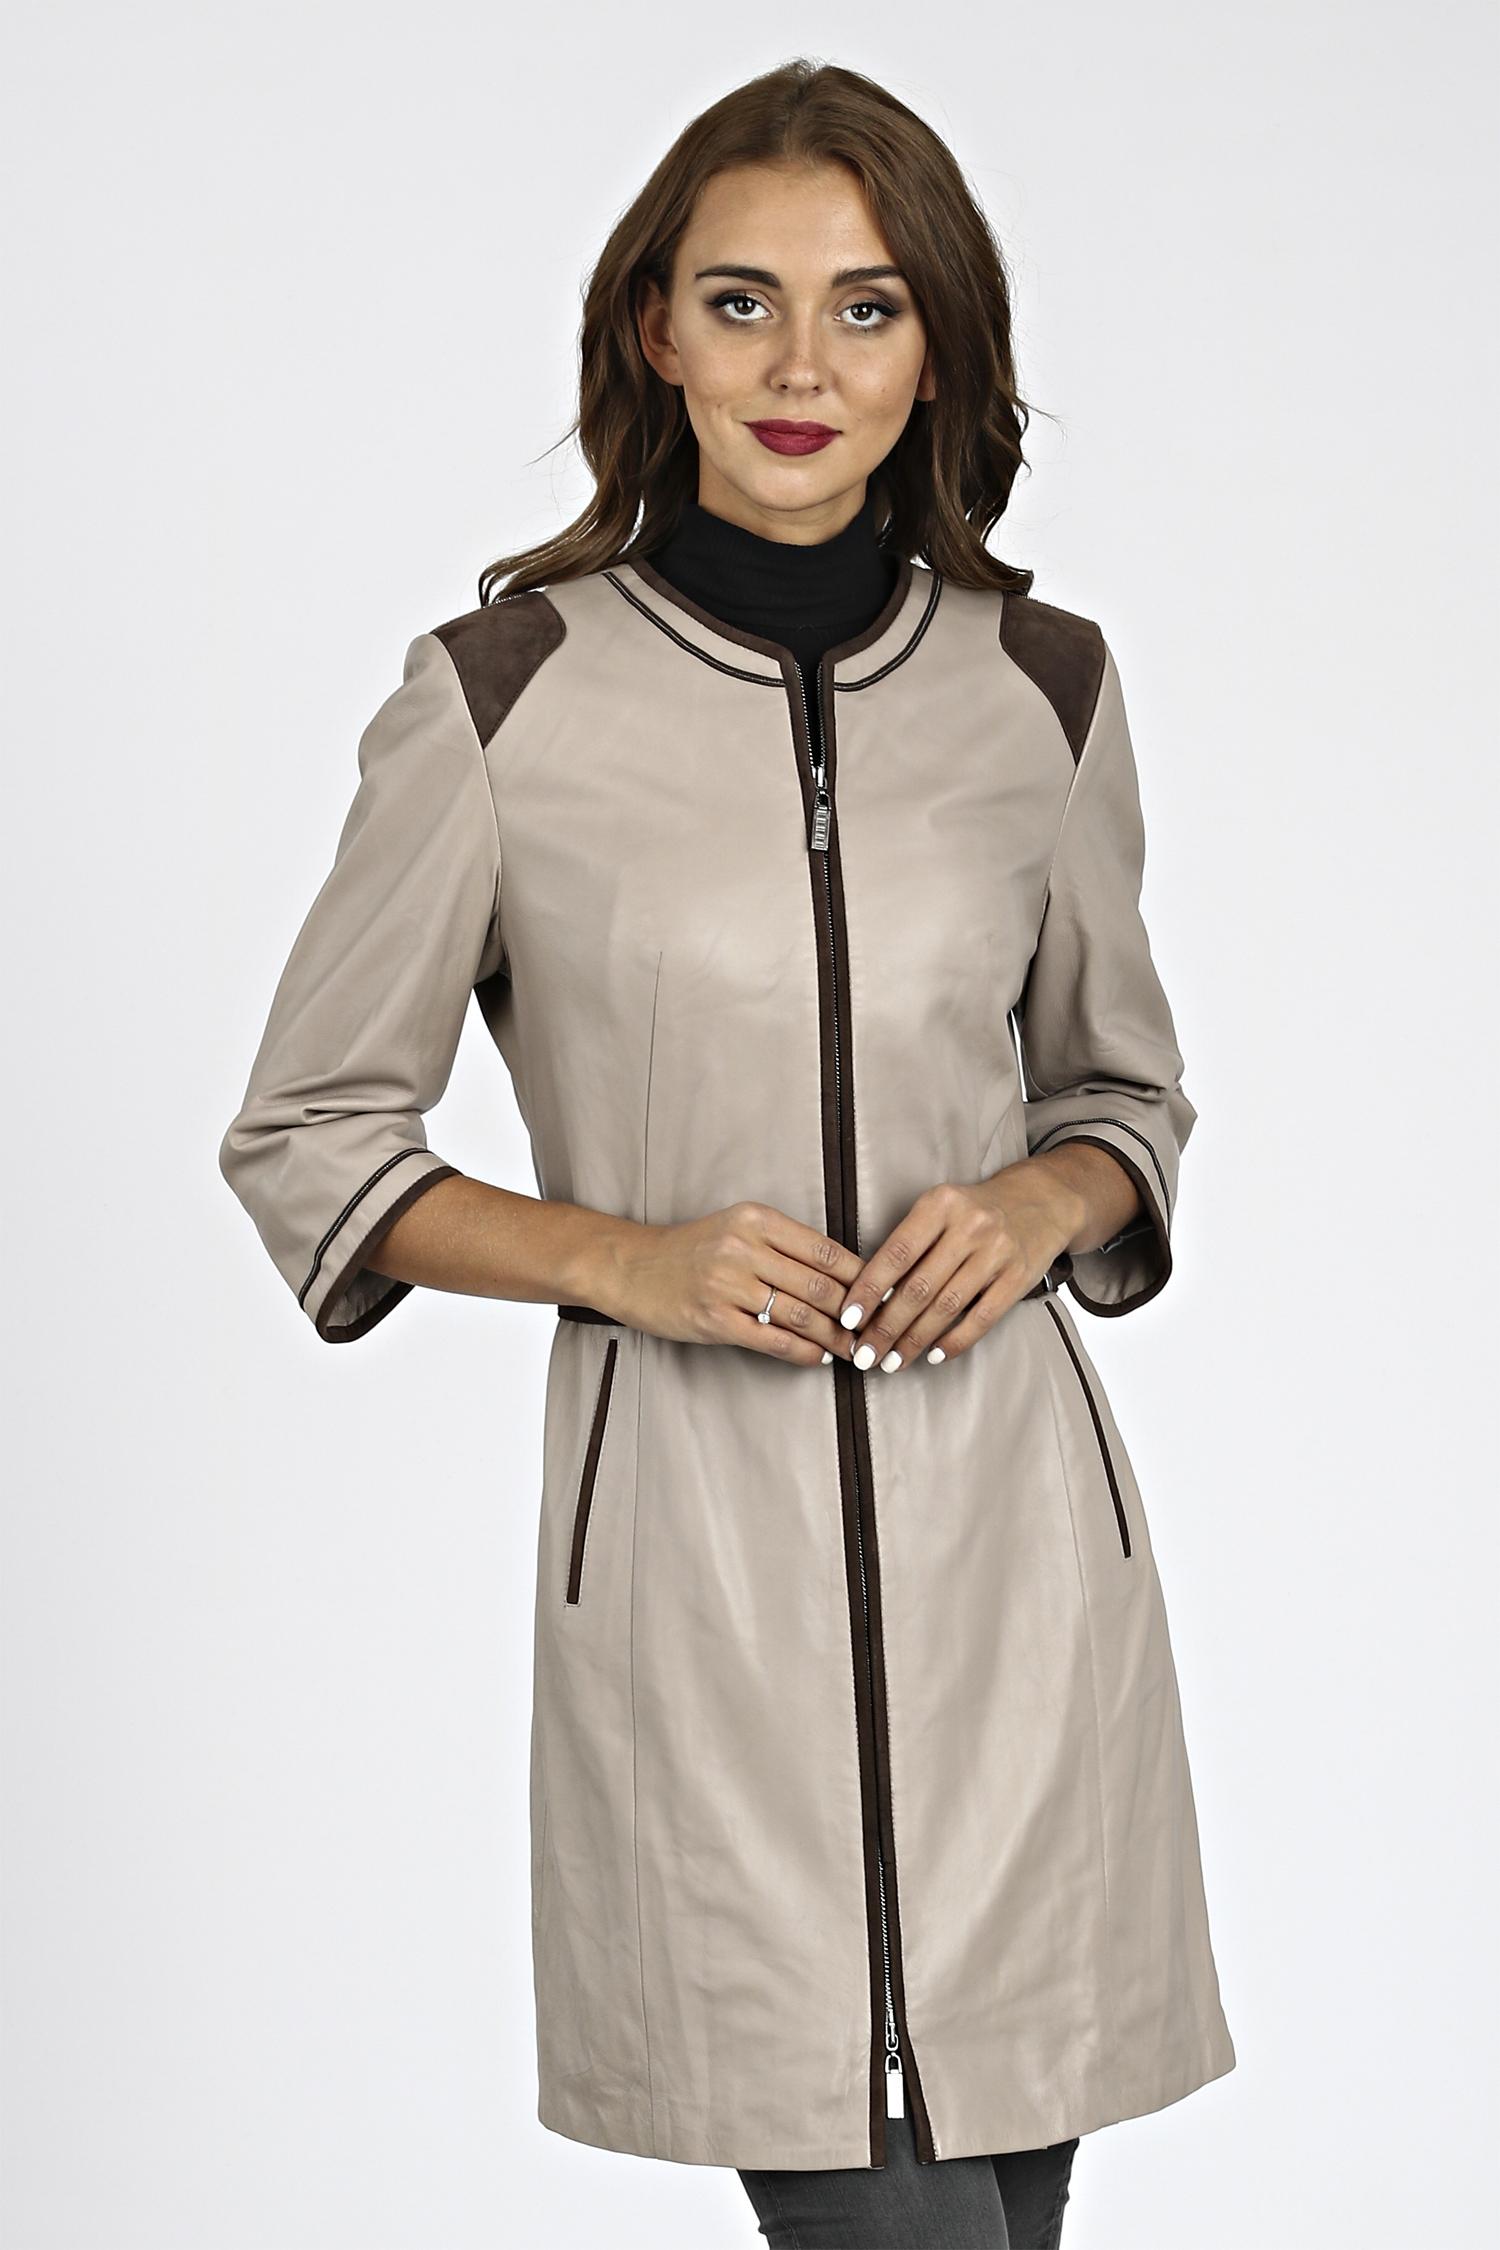 Женское кожаное пальто из натуральной кожи без воротника, без отделки